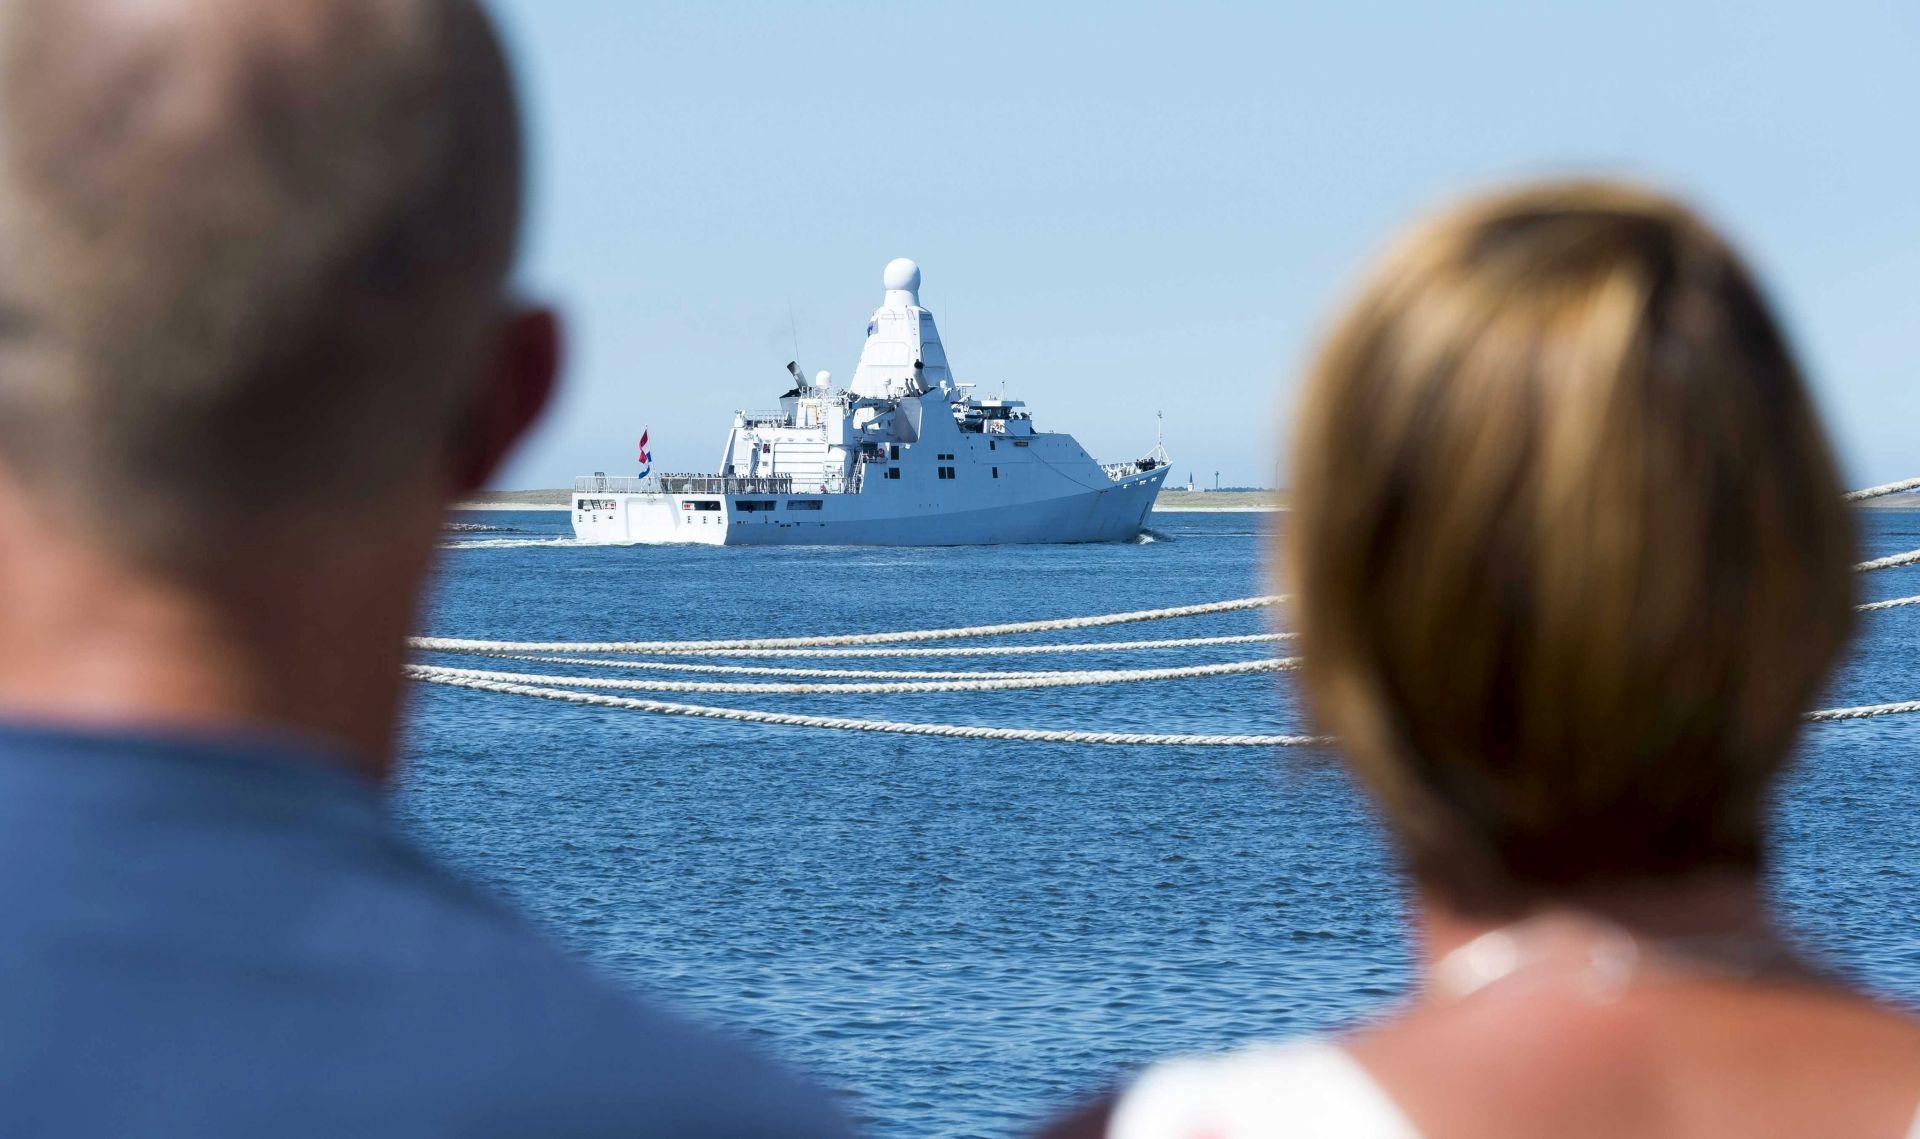 ZAVRŠENA MISIJA: NATO završio operacije protiv pirata u Indijskom oceanu